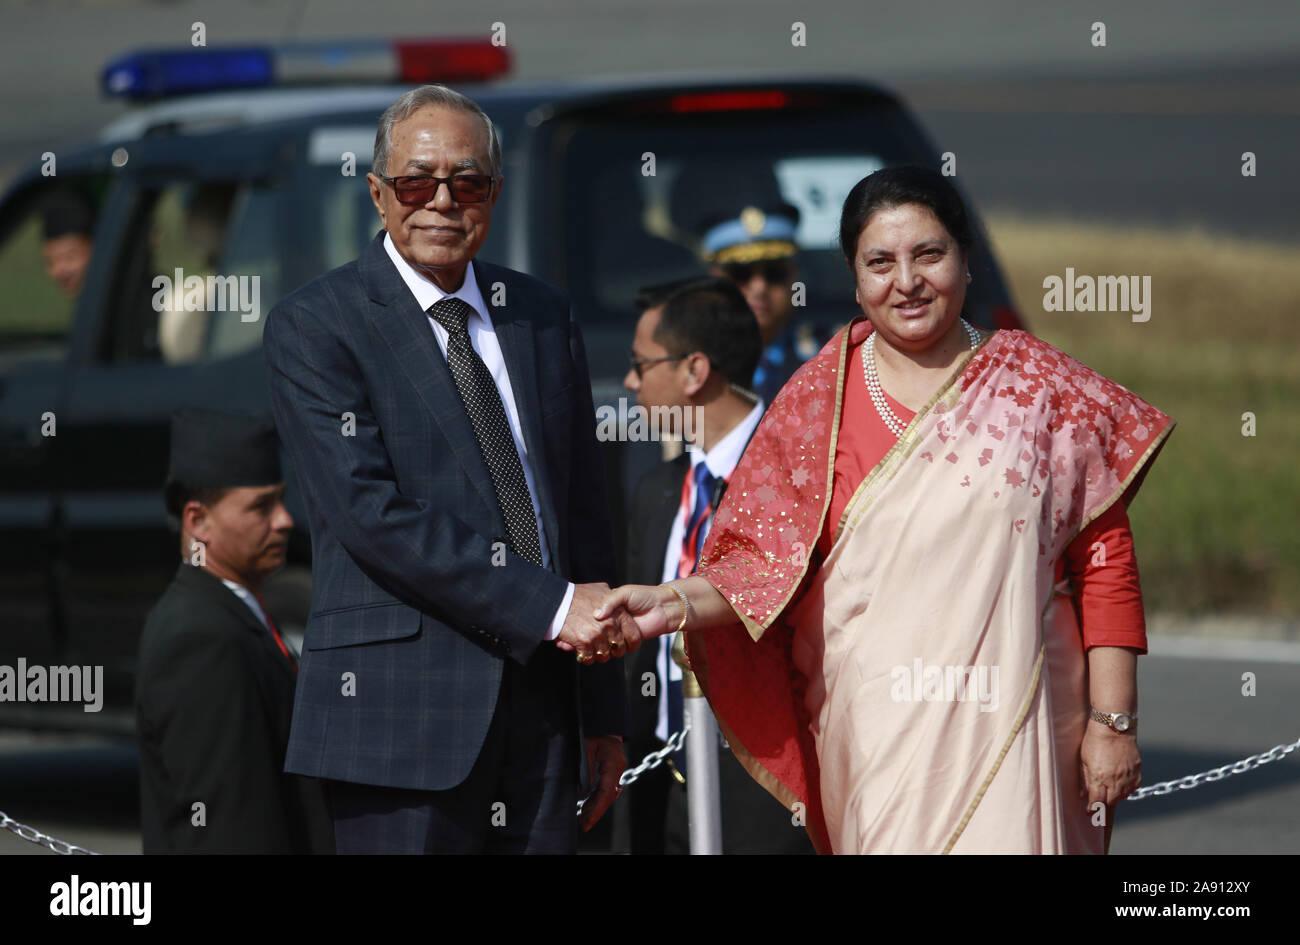 Katmandou, Népal. 12 Nov, 2019. Le Président du Bangladesh Abdul Hamid (L), serre la main du président du Népal Bidhya Devi Bhandari lors de son arrivée à l'aéroport international de Tribhuvan à Katmandou le Mardi, Novembre 12, 2019. Credit: Dipen Shrestha/ZUMA/Alamy Fil Live News Banque D'Images